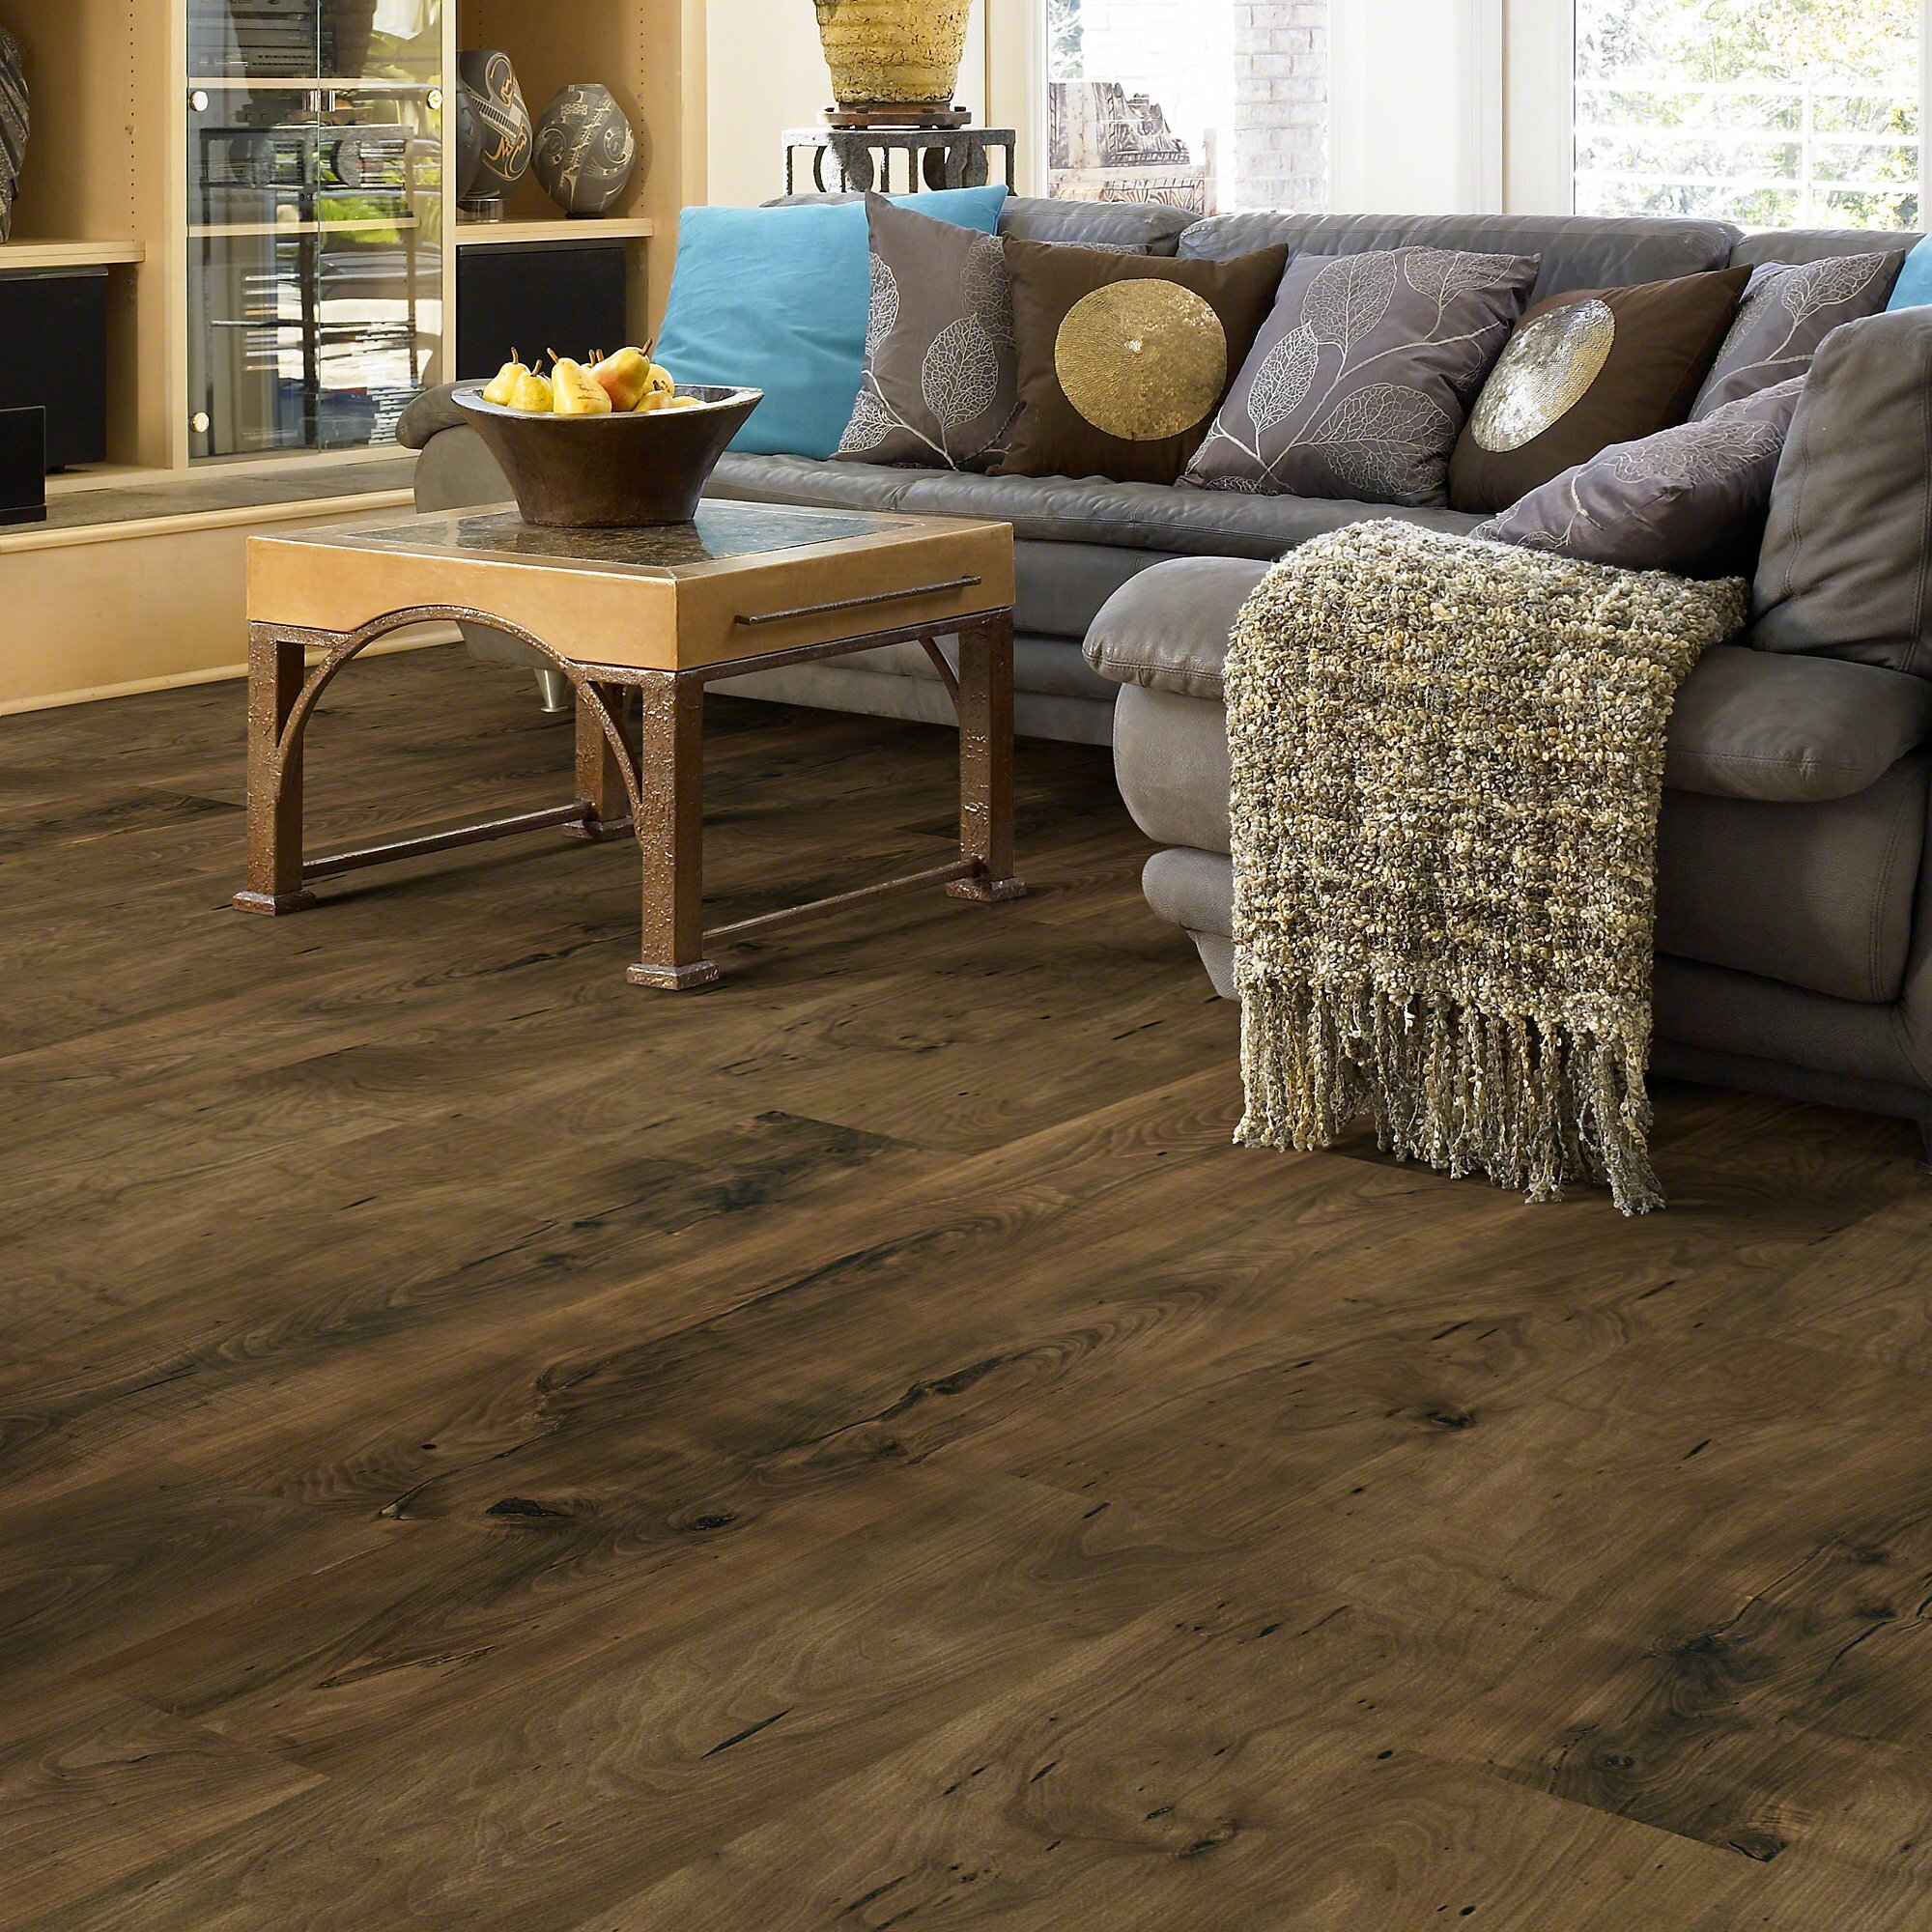 Pine Laminate Flooring beautiful pine laminate flooring mrwillanenterprize llc mrwillanenterprizellc hardwood pine Fairfax Pine Laminate In Clifton